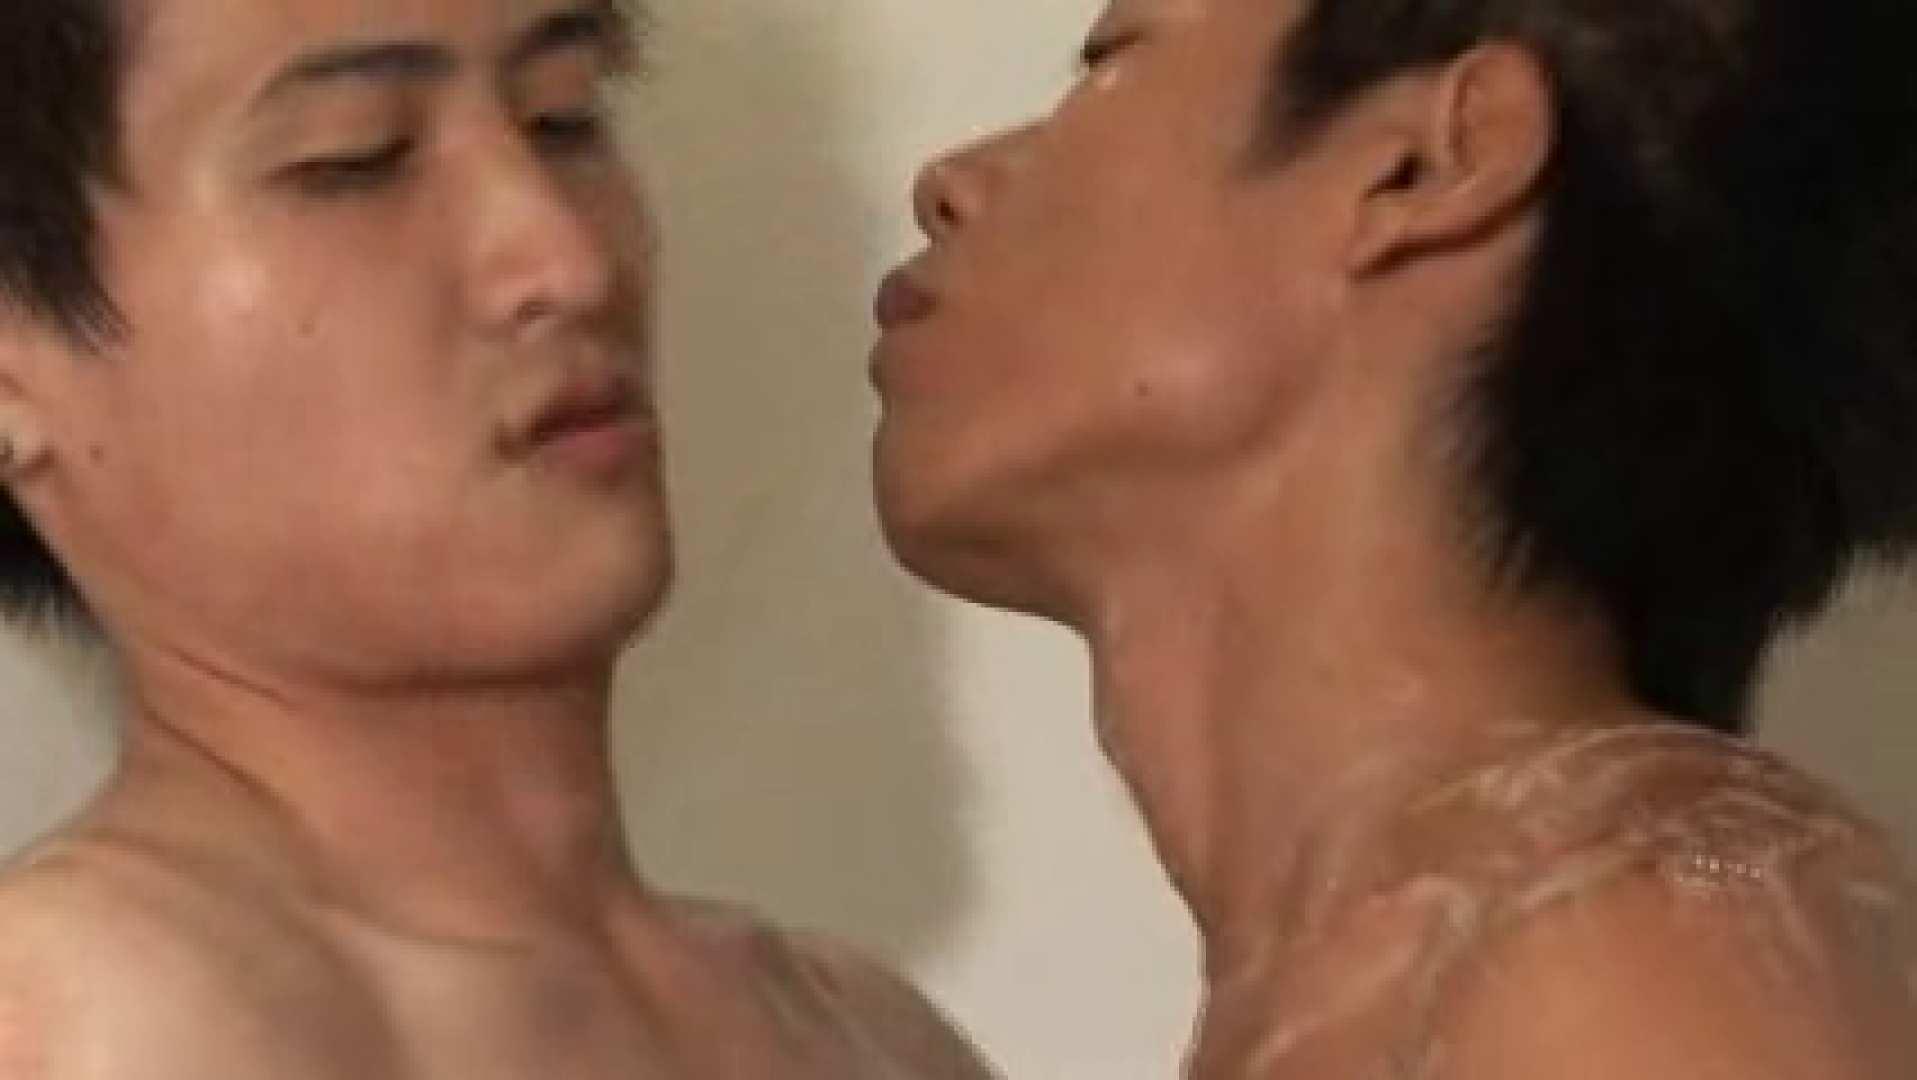 雄穴堀MAX!!vol.02 イケメンたち ゲイ無修正ビデオ画像 108pic 5